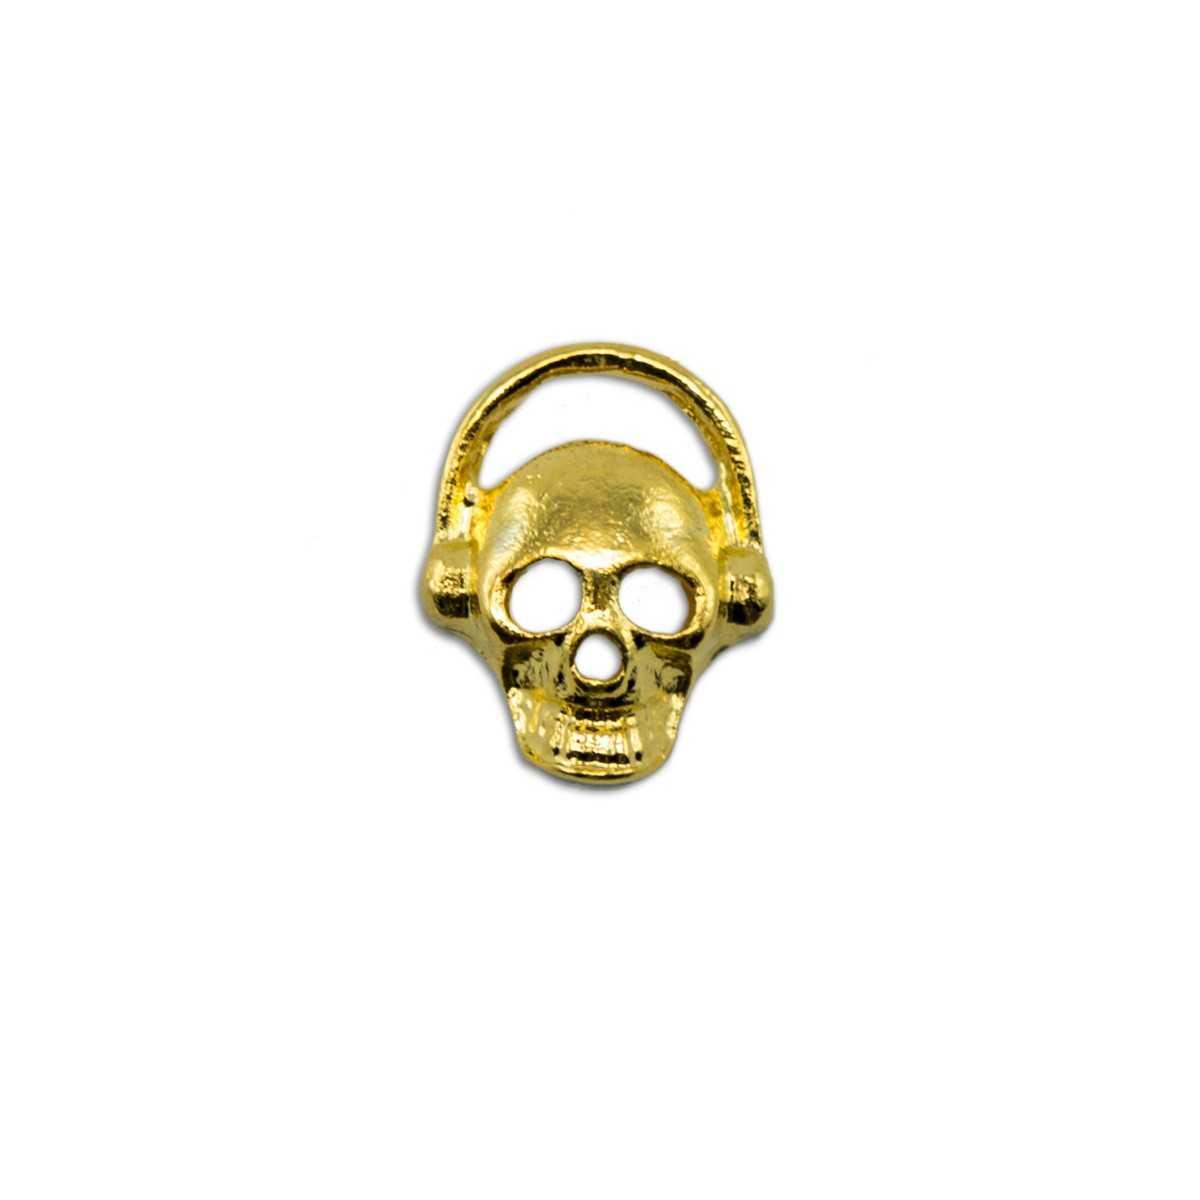 https://www.kit-manucure.com/1503-thickbox_default/bijoux-pour-ongles-tête-de-mort-avec-casque-doré.jpg